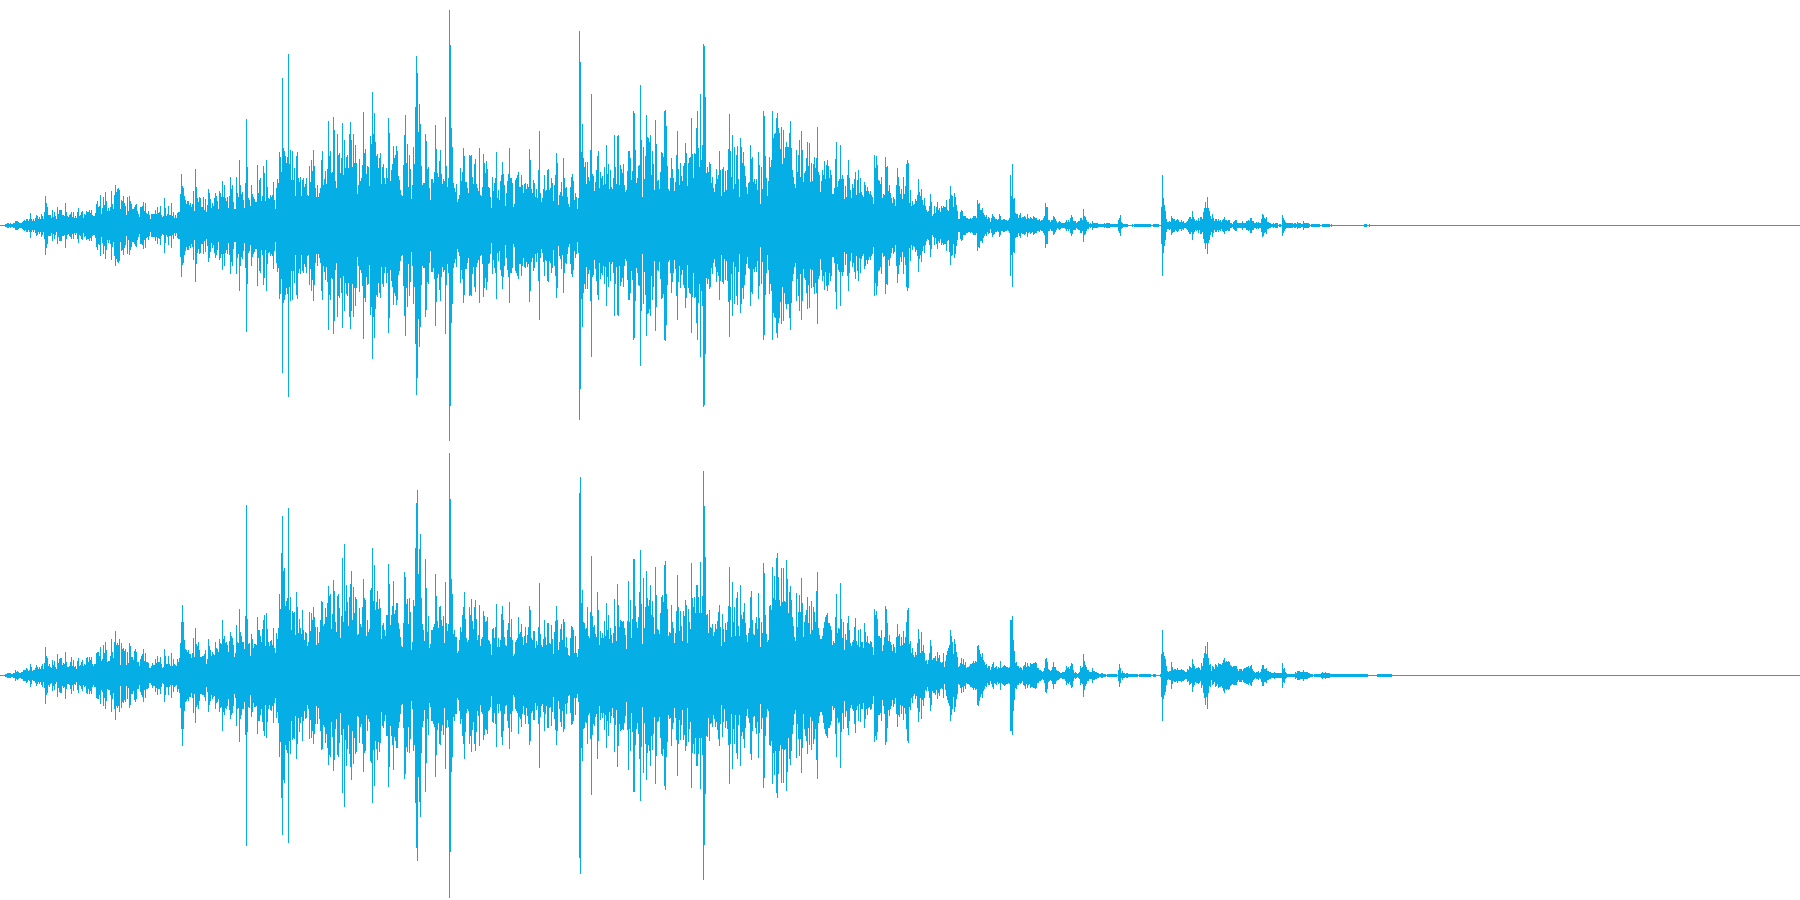 【生録音】 ビニール袋のノイズ ゴミ箱音の再生済みの波形